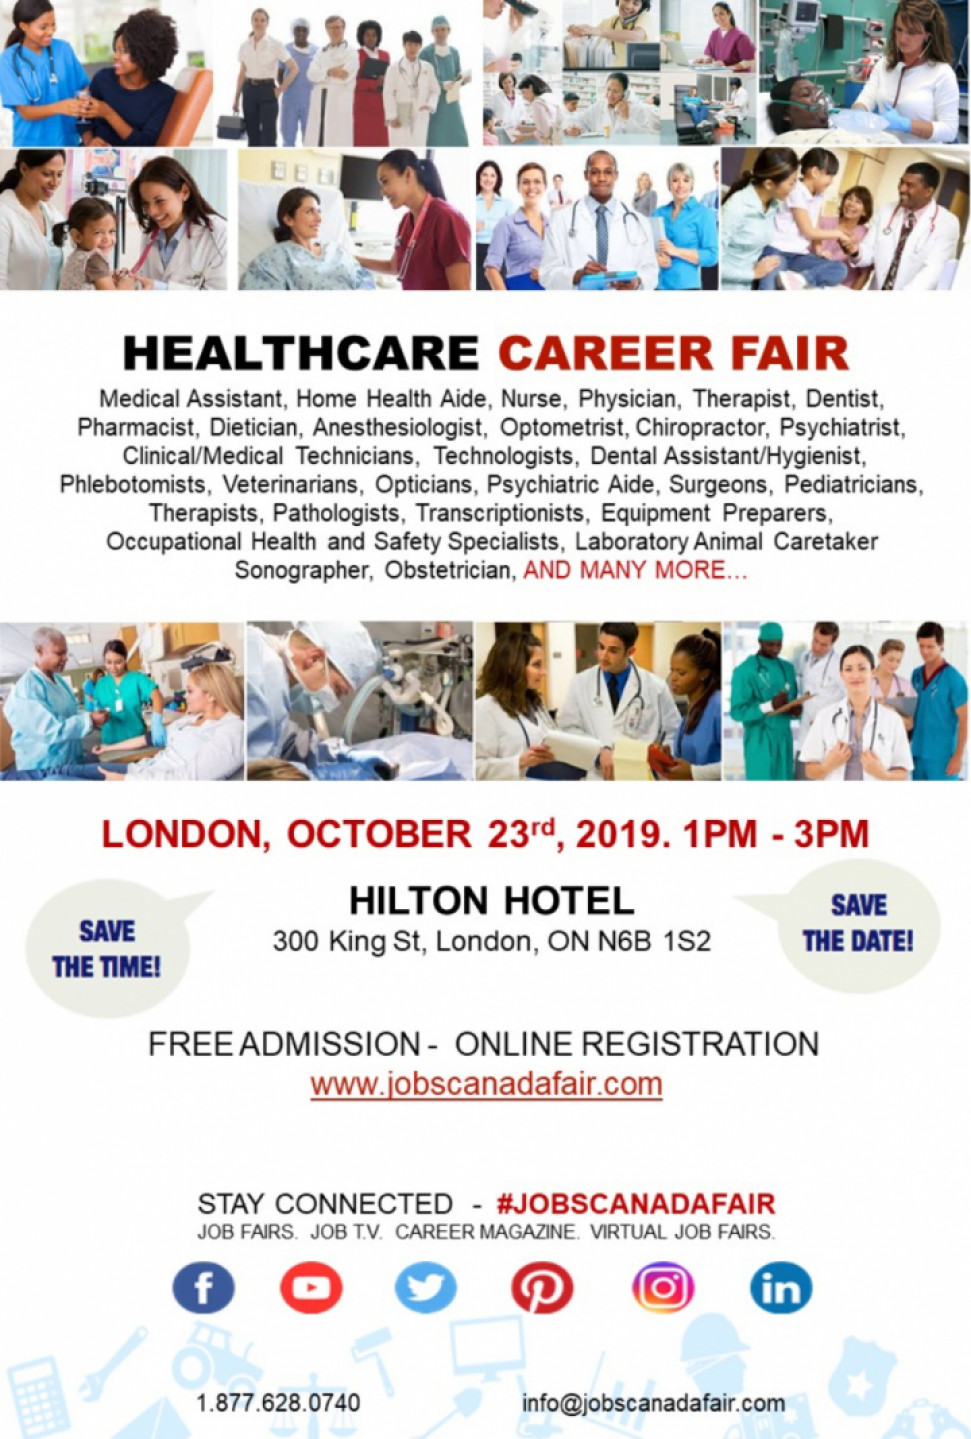 London Healthcare Career Fair - October 23rd, 2019